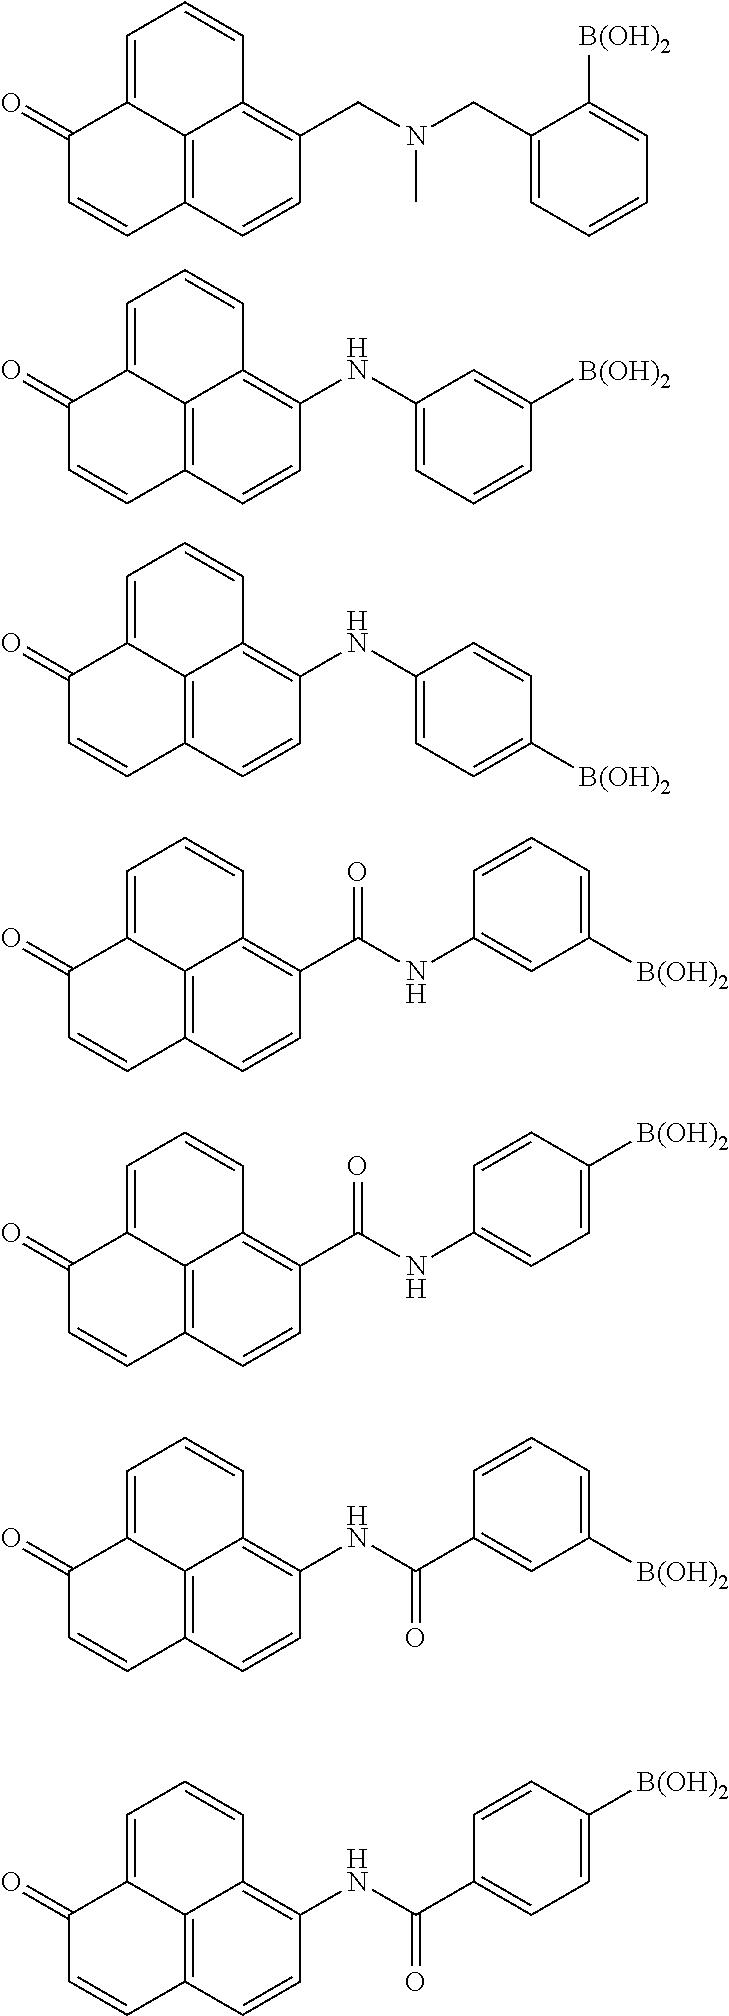 Figure US08466286-20130618-C00028